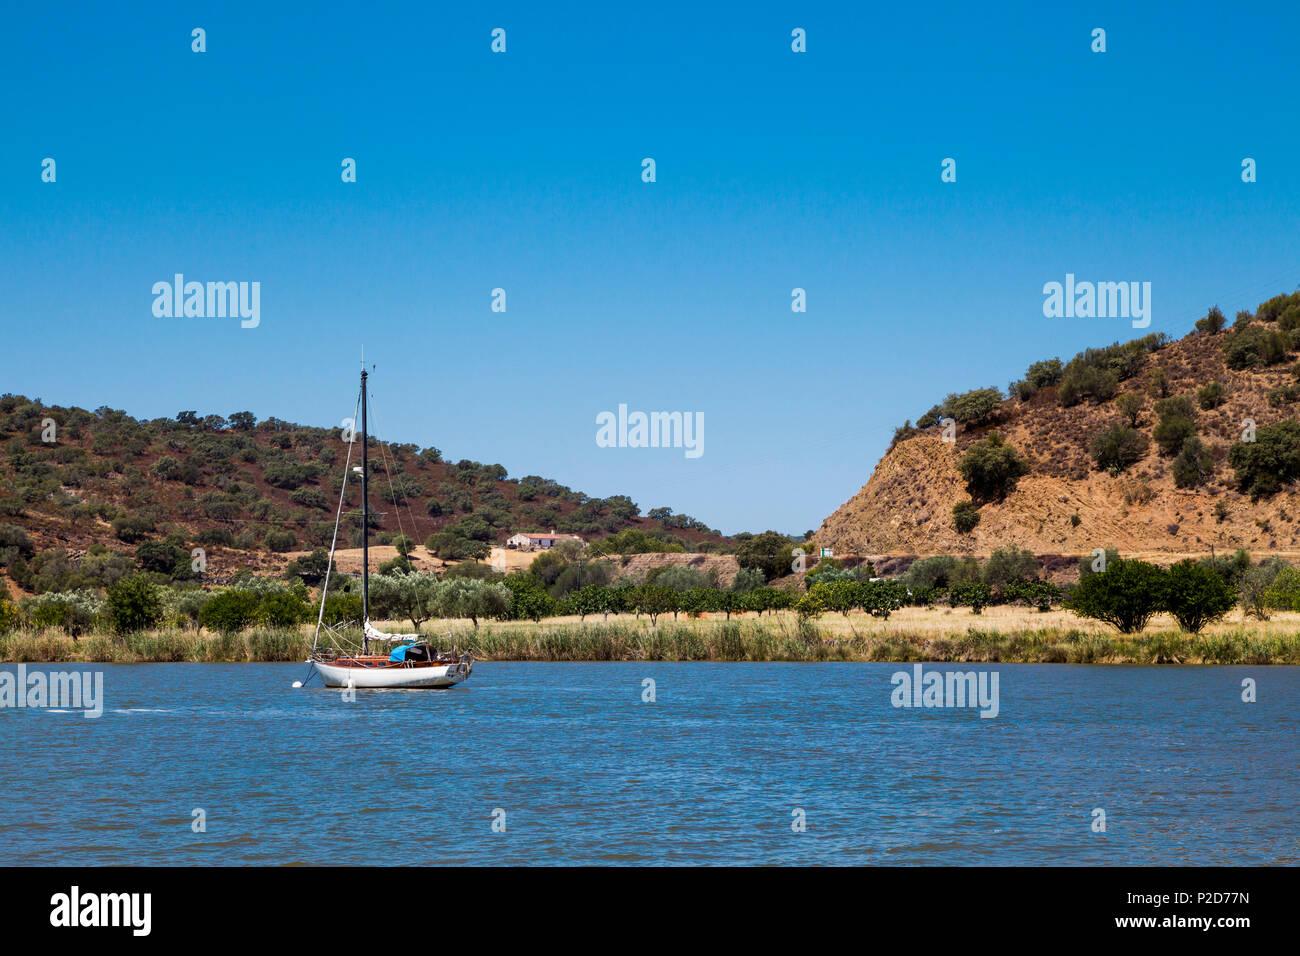 Viaje en barco por el Guadiana fronterizo río Algarve Portugal. Imagen De Stock